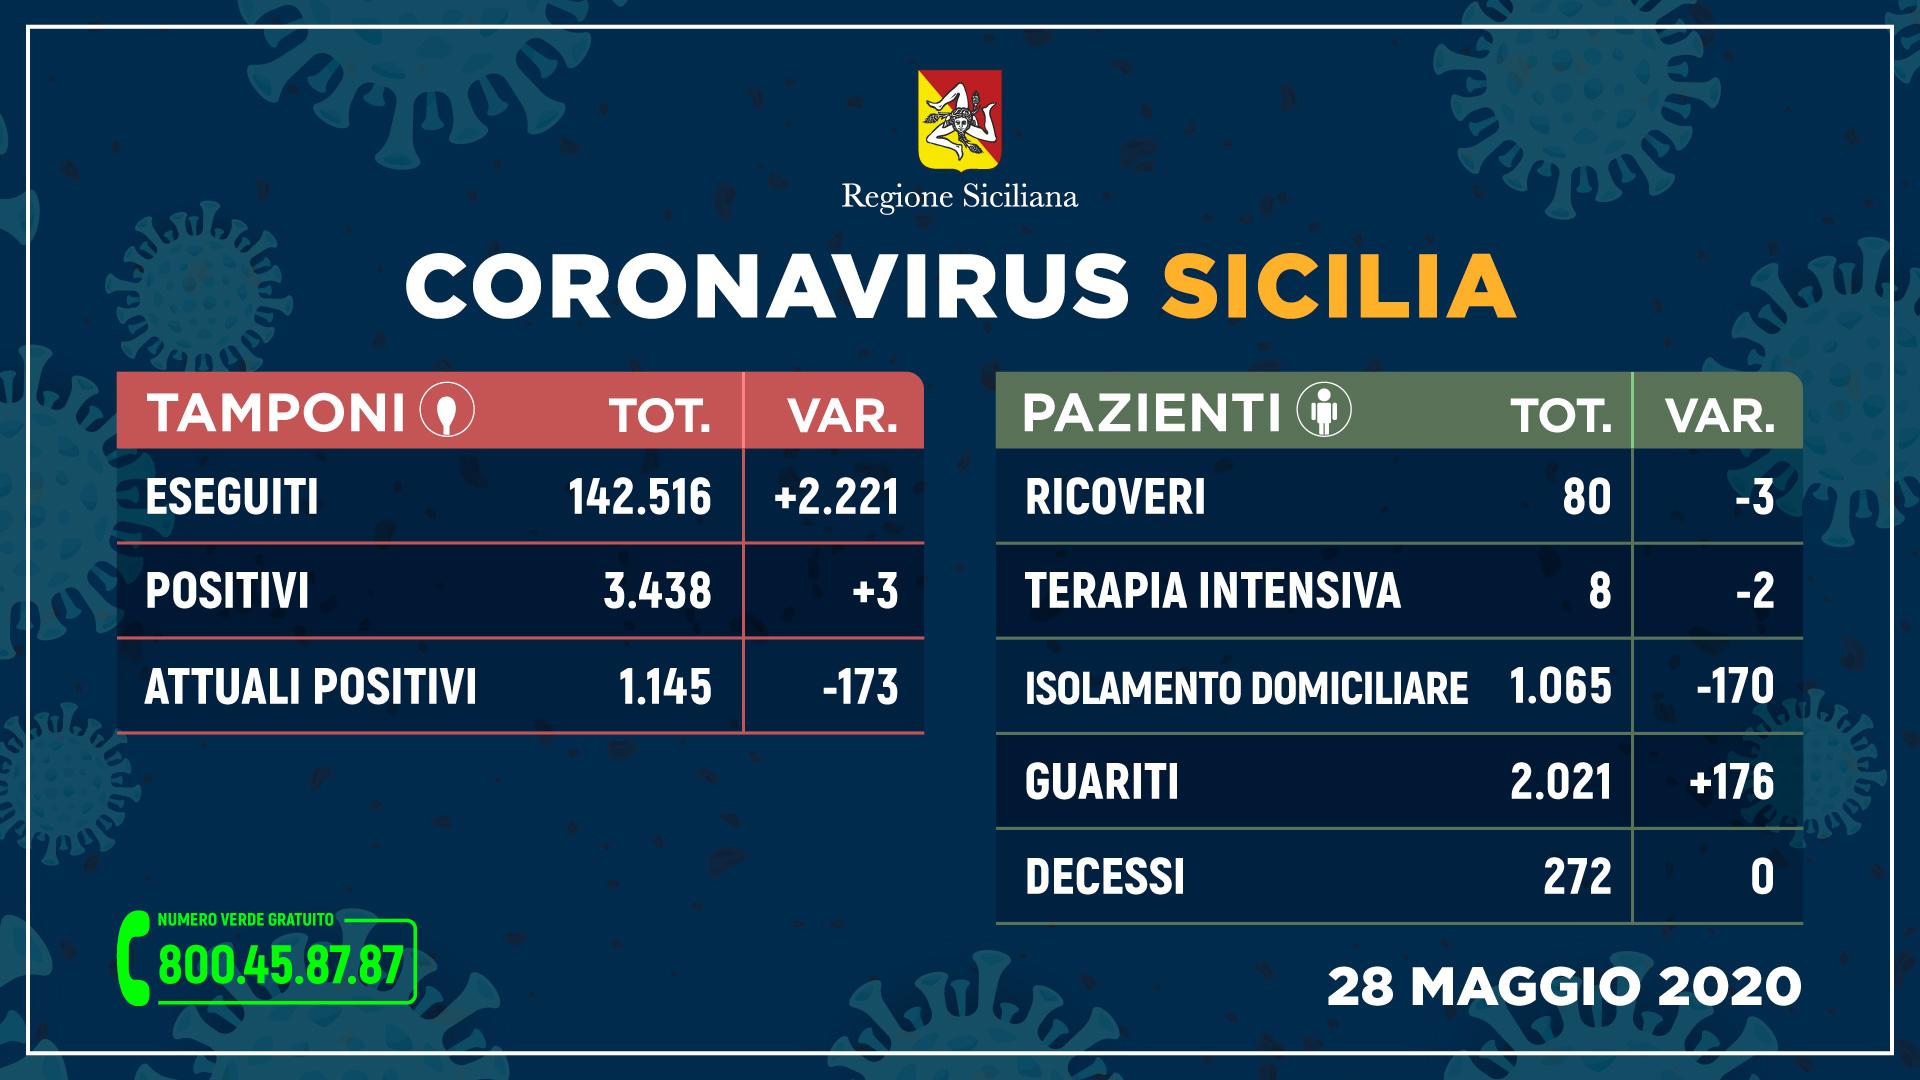 Coronavirus, in Sicilia crescono ancora i guariti (+176). Tre i nuovi contagi